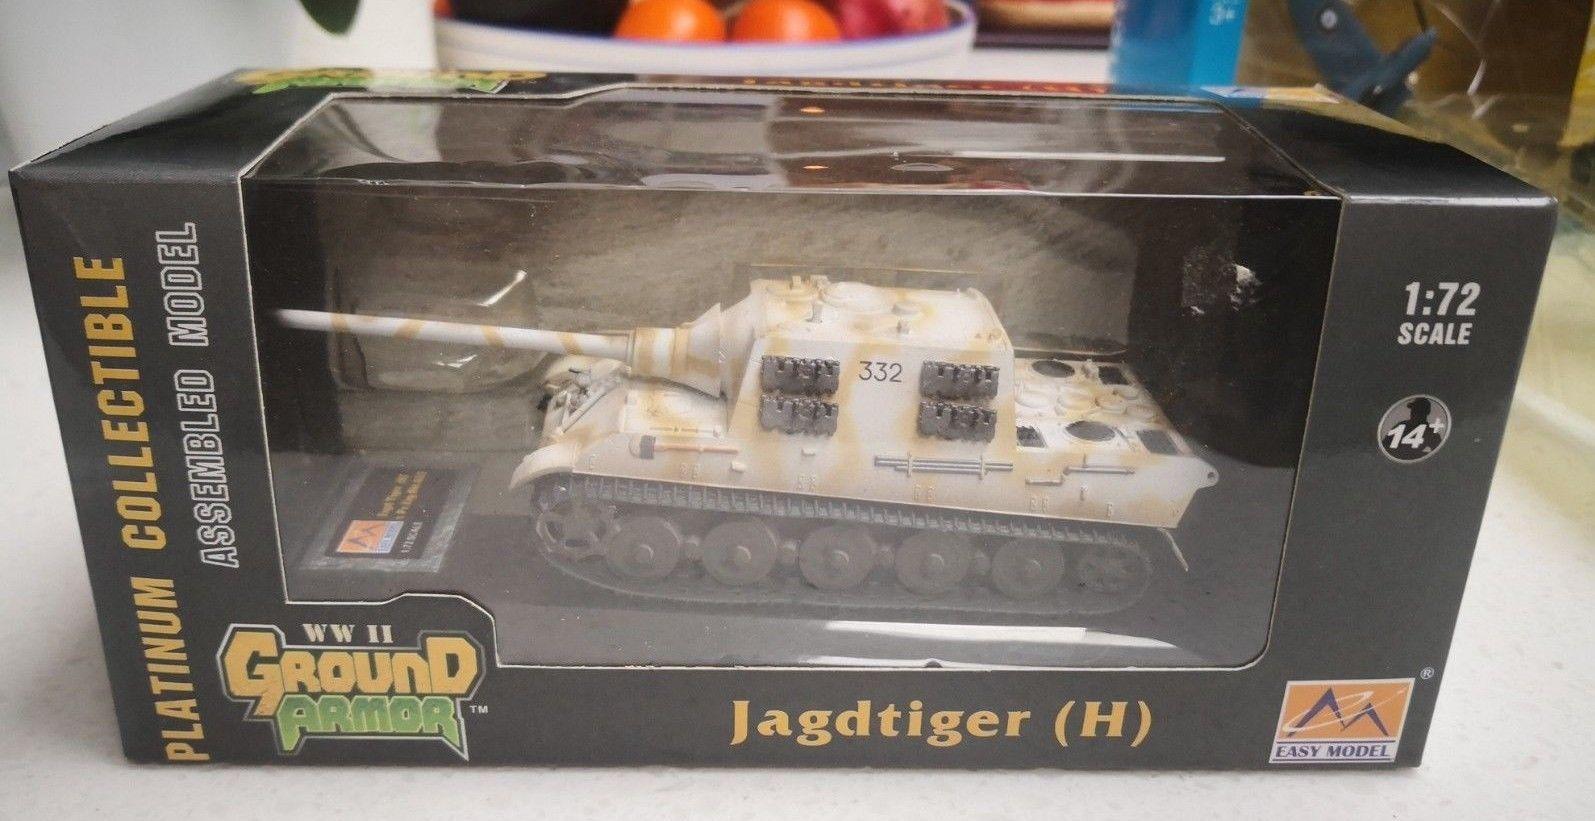 Easy Model 1/72 JagdTiger s Pz Jag Abt 653 - ready made